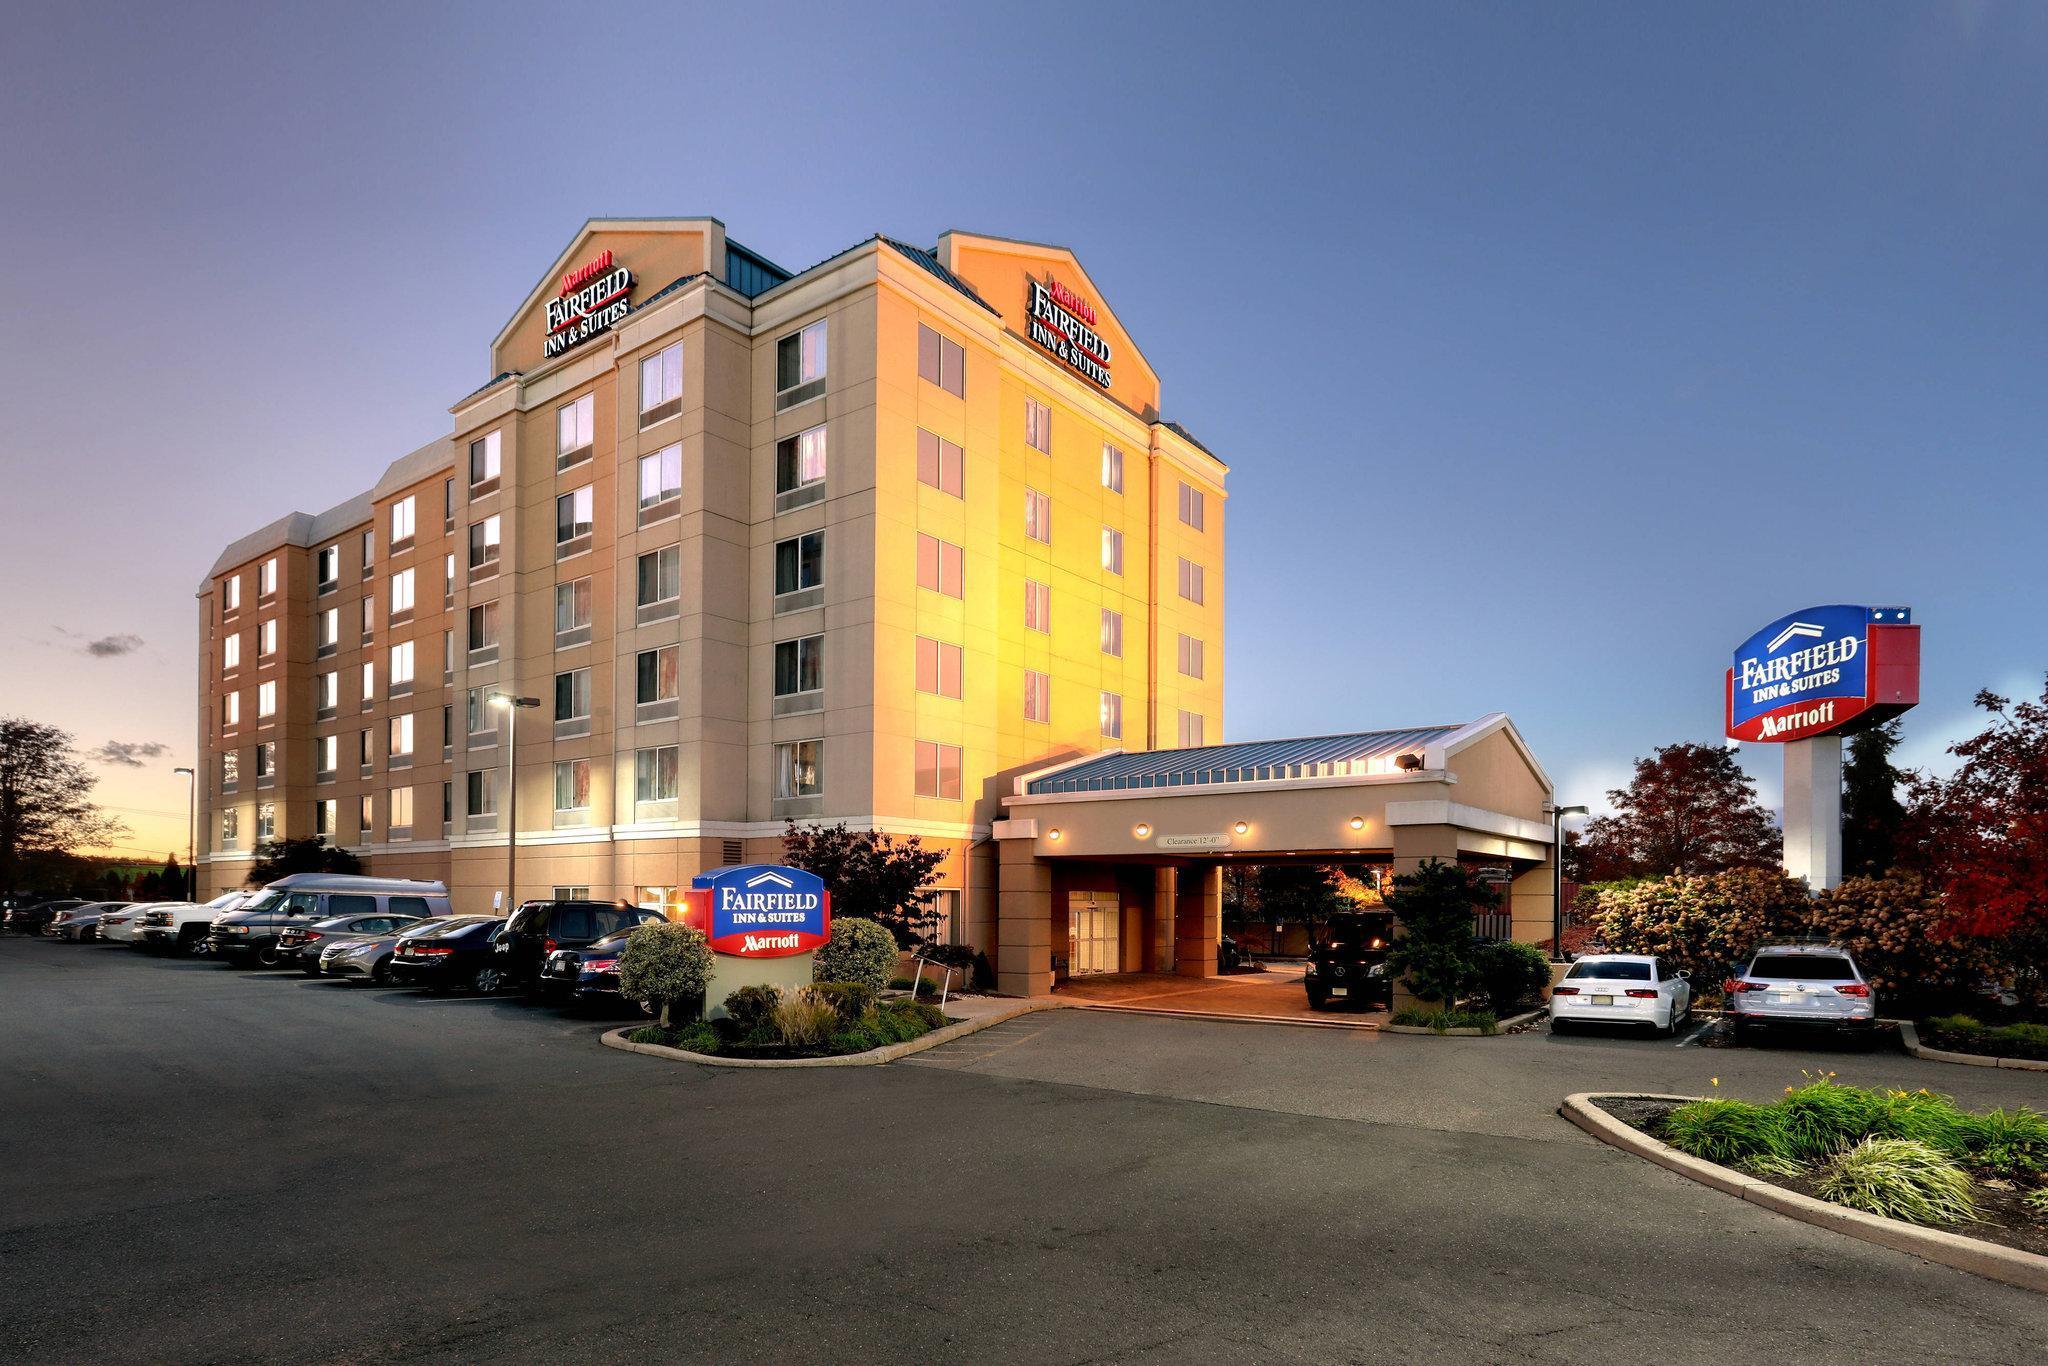 Fairfield Inn And Suites Woodbridge